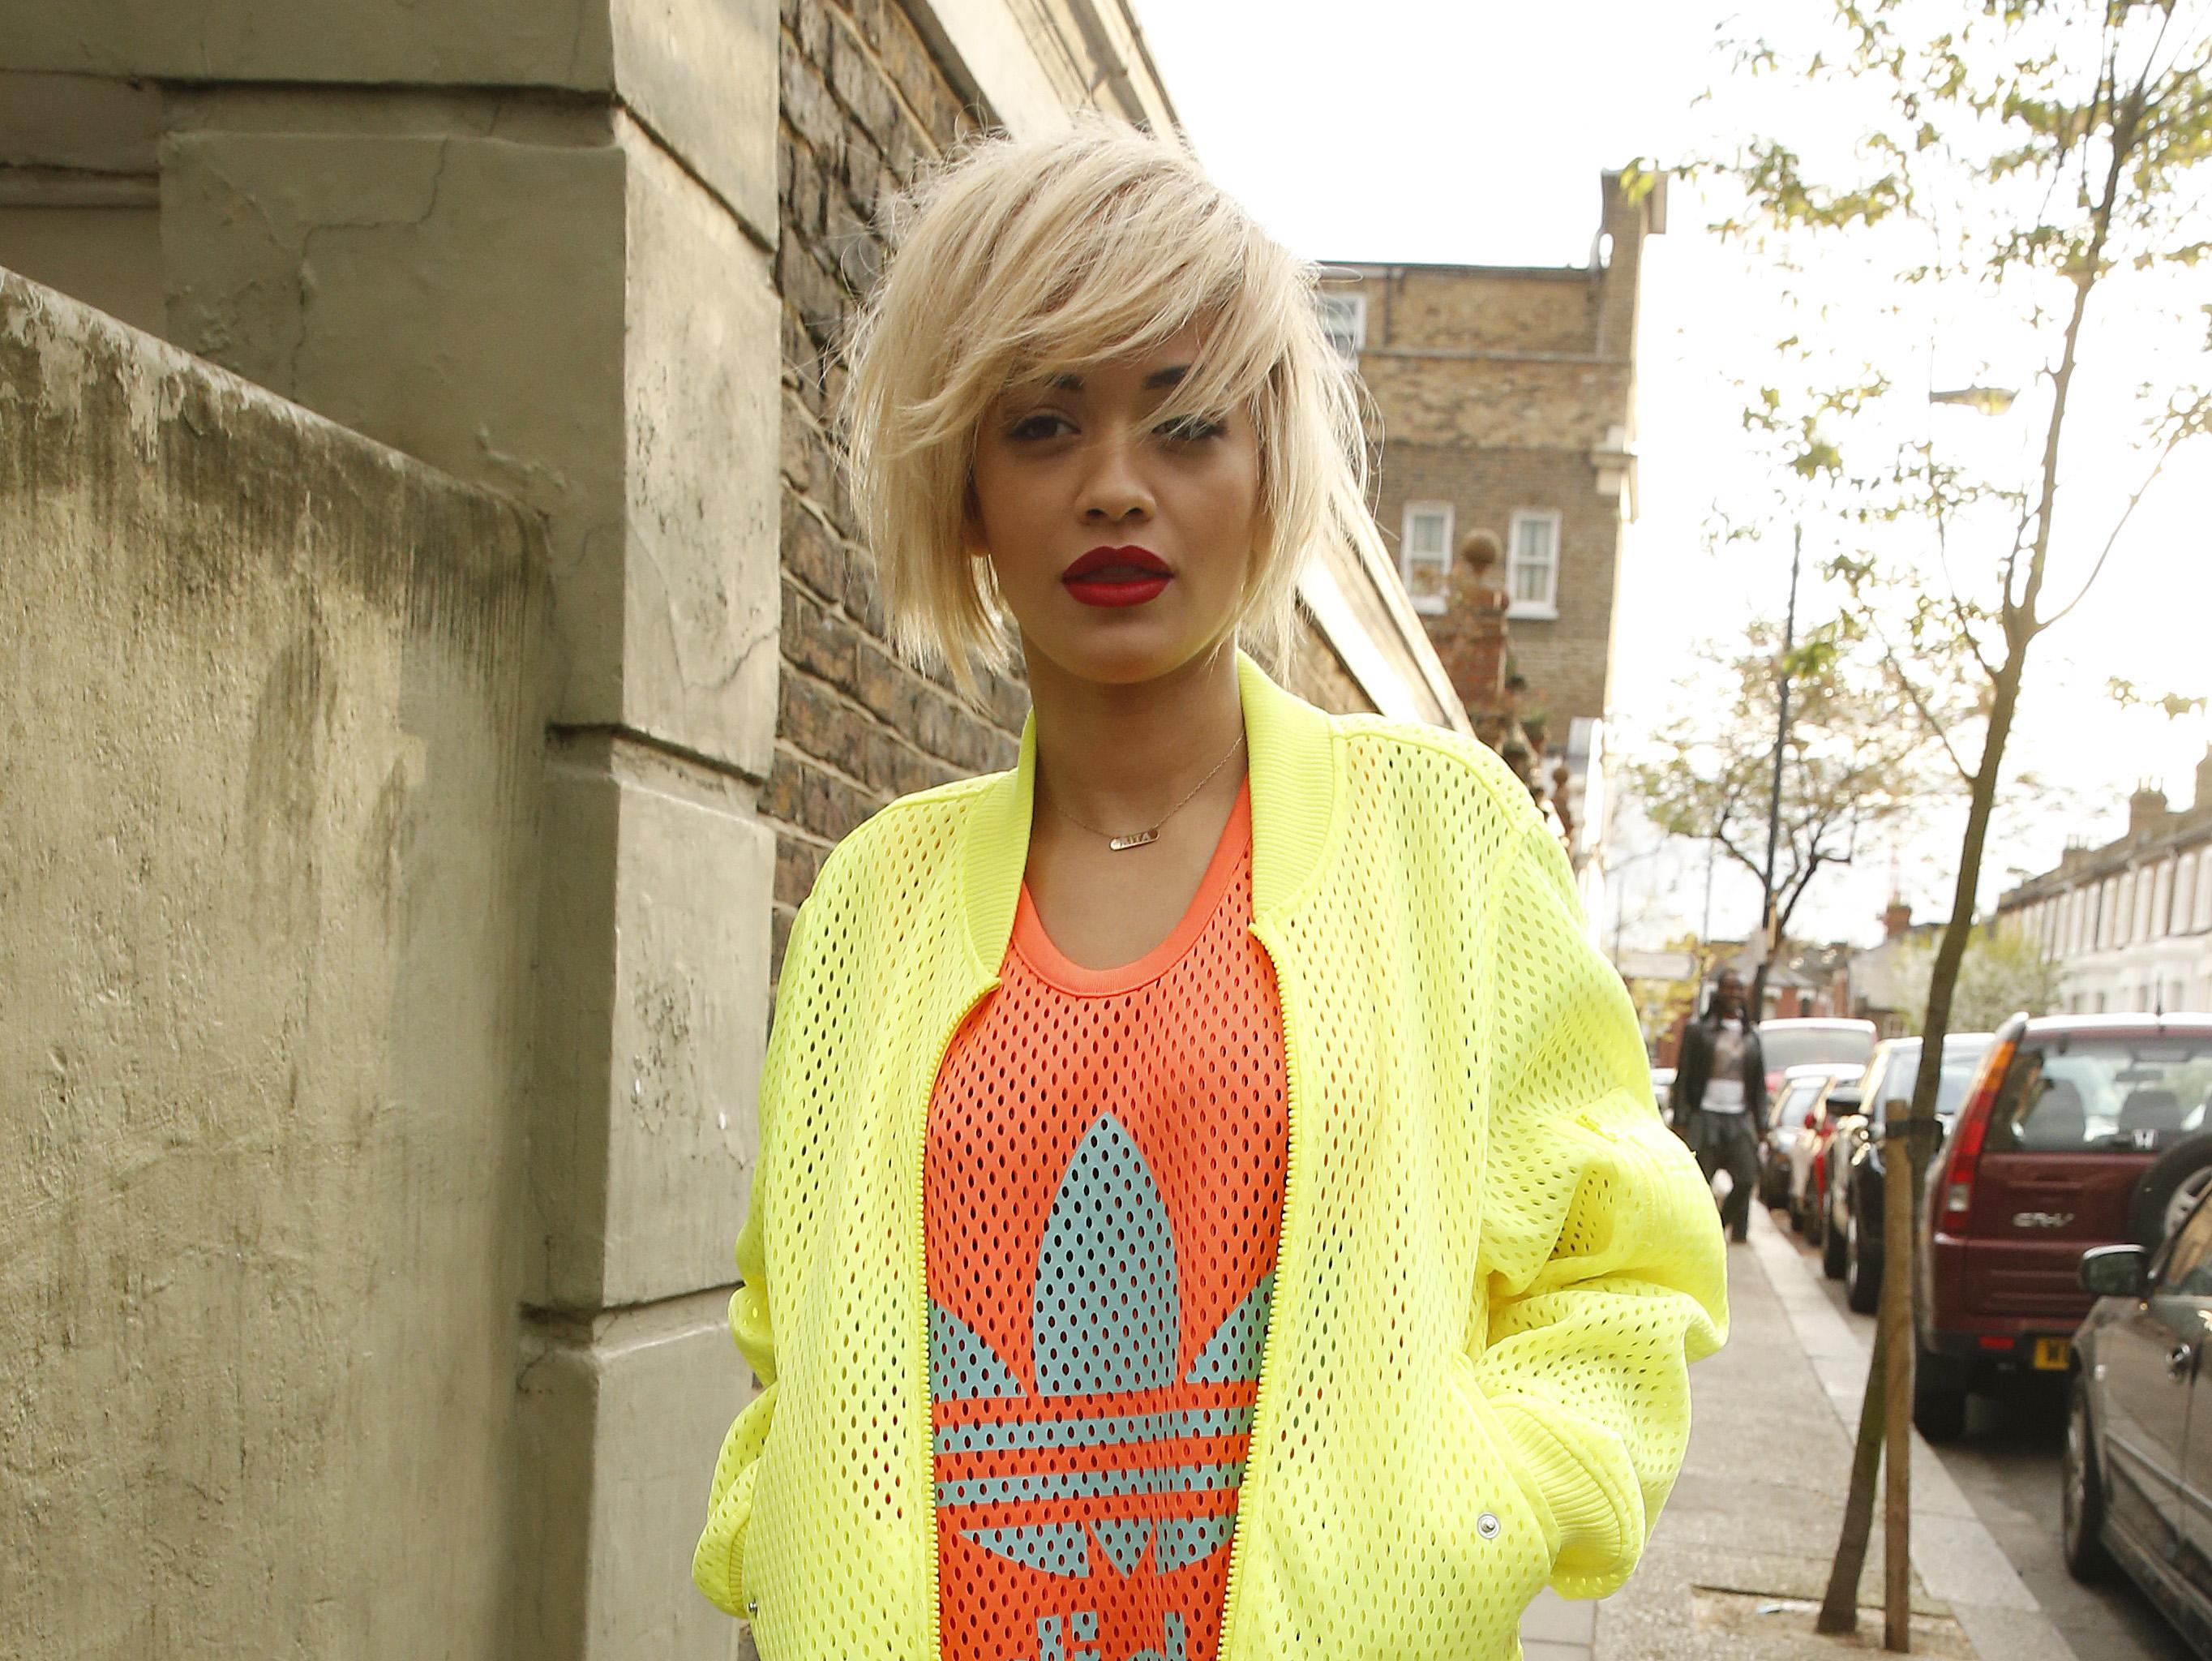 Rita Ora; Image via Getty